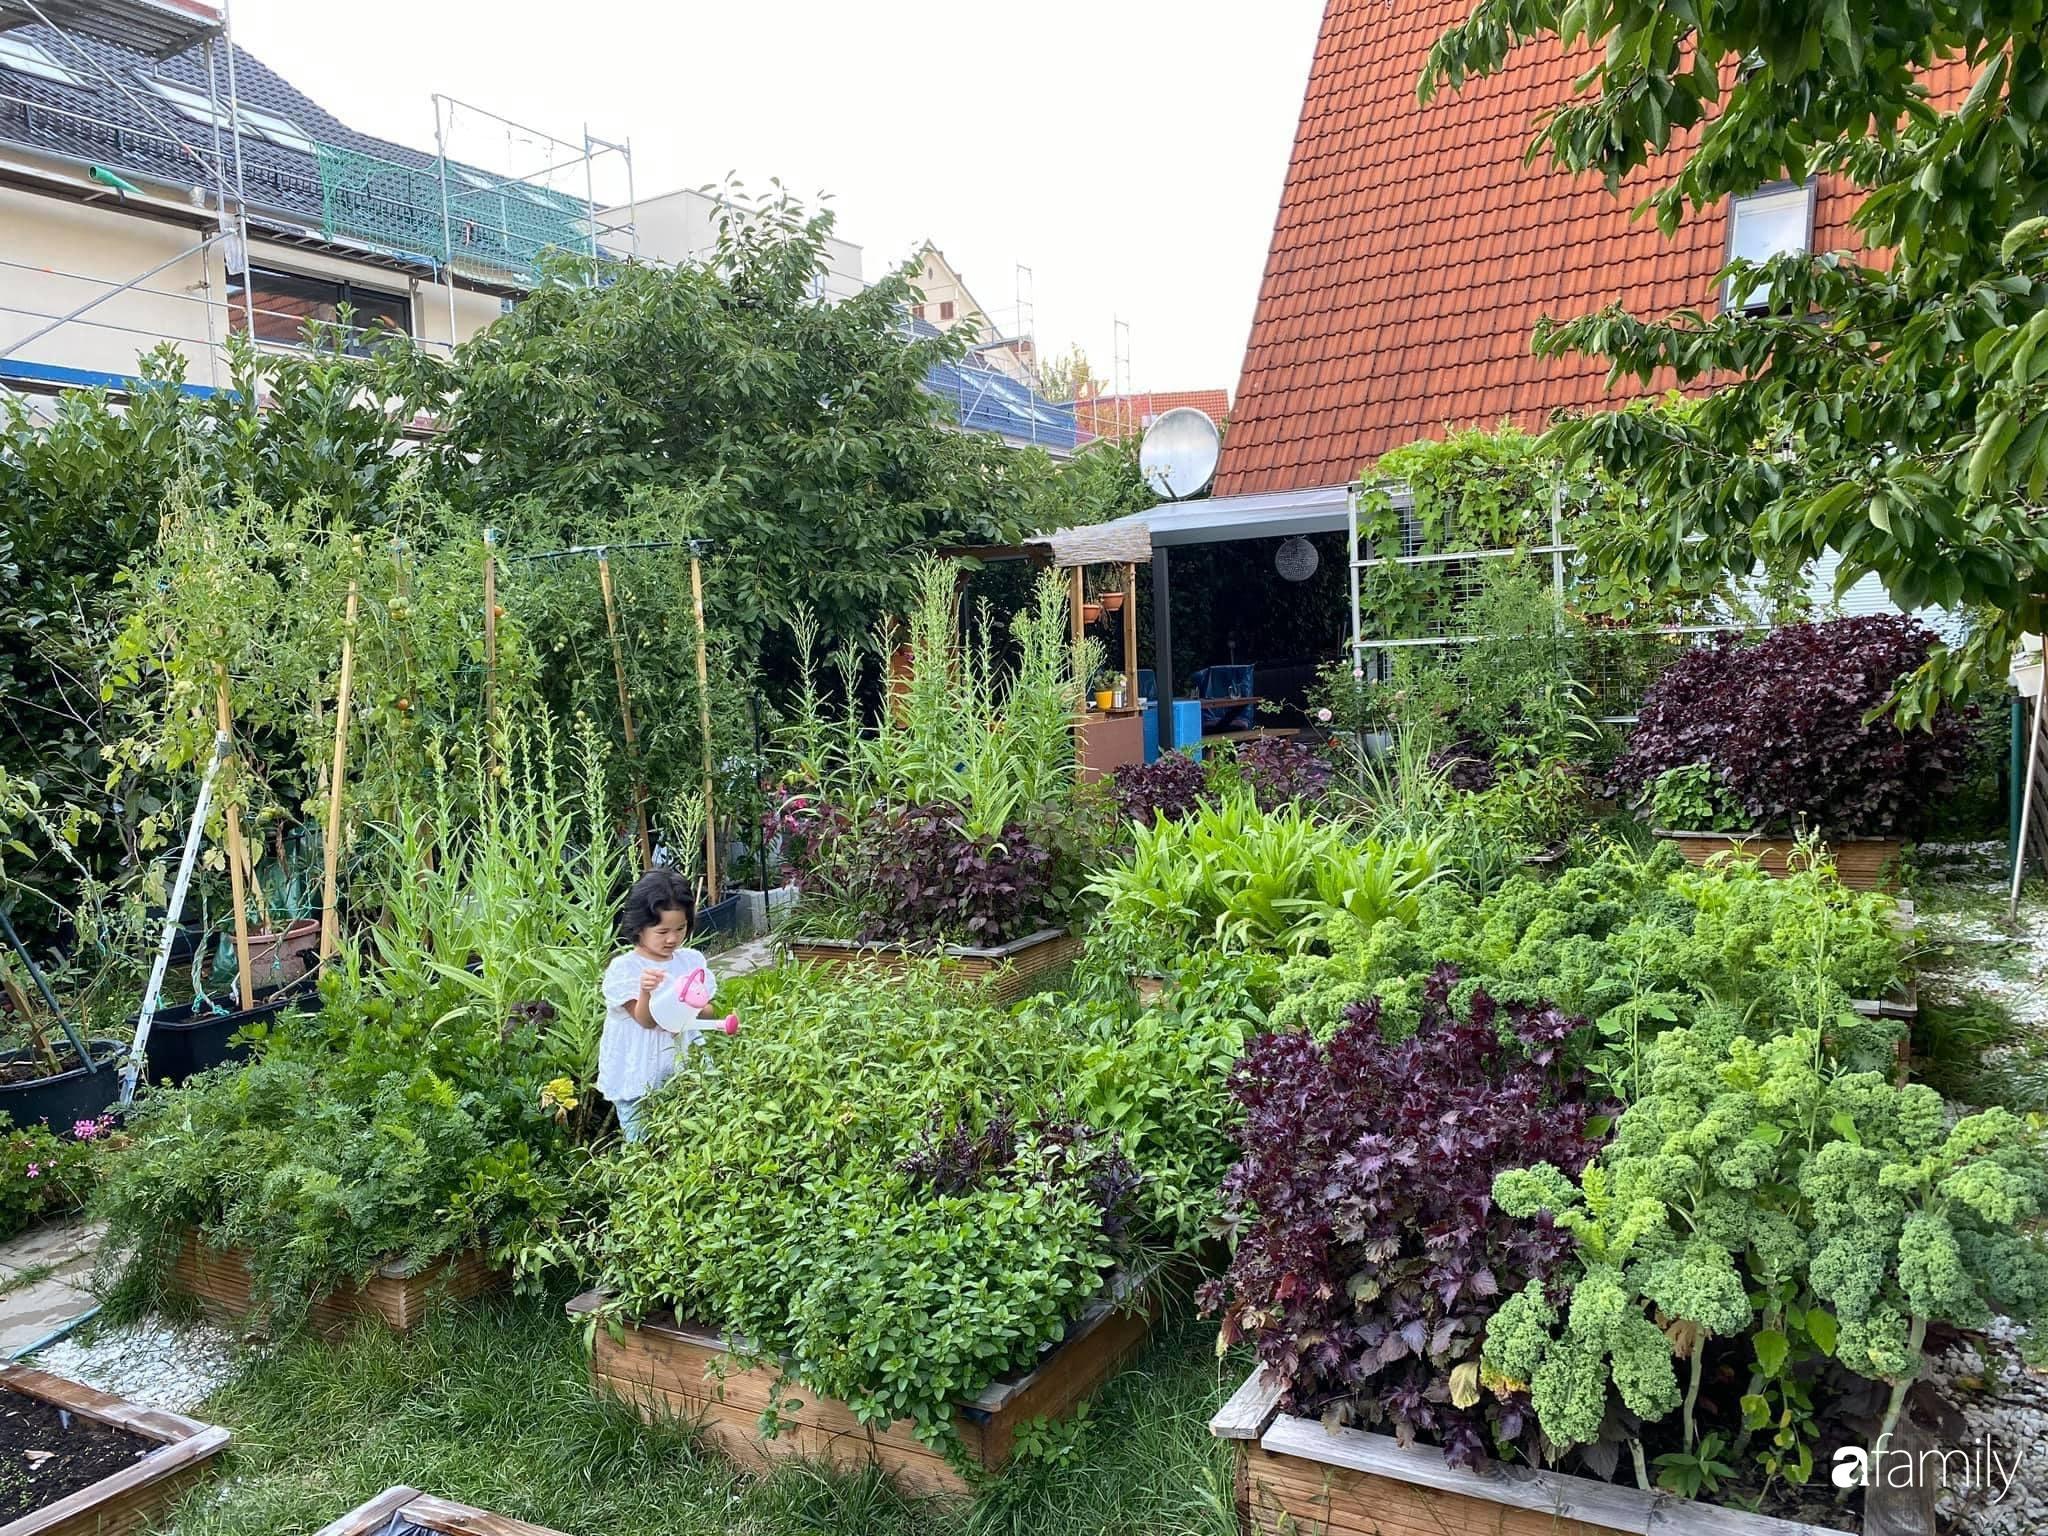 Khu vườn 300m² giữa đô thị náo nhiệt vẫn an yên, thư thái nhờ mẹ Việt trồng cây và hoa tốt tươi - Ảnh 1.